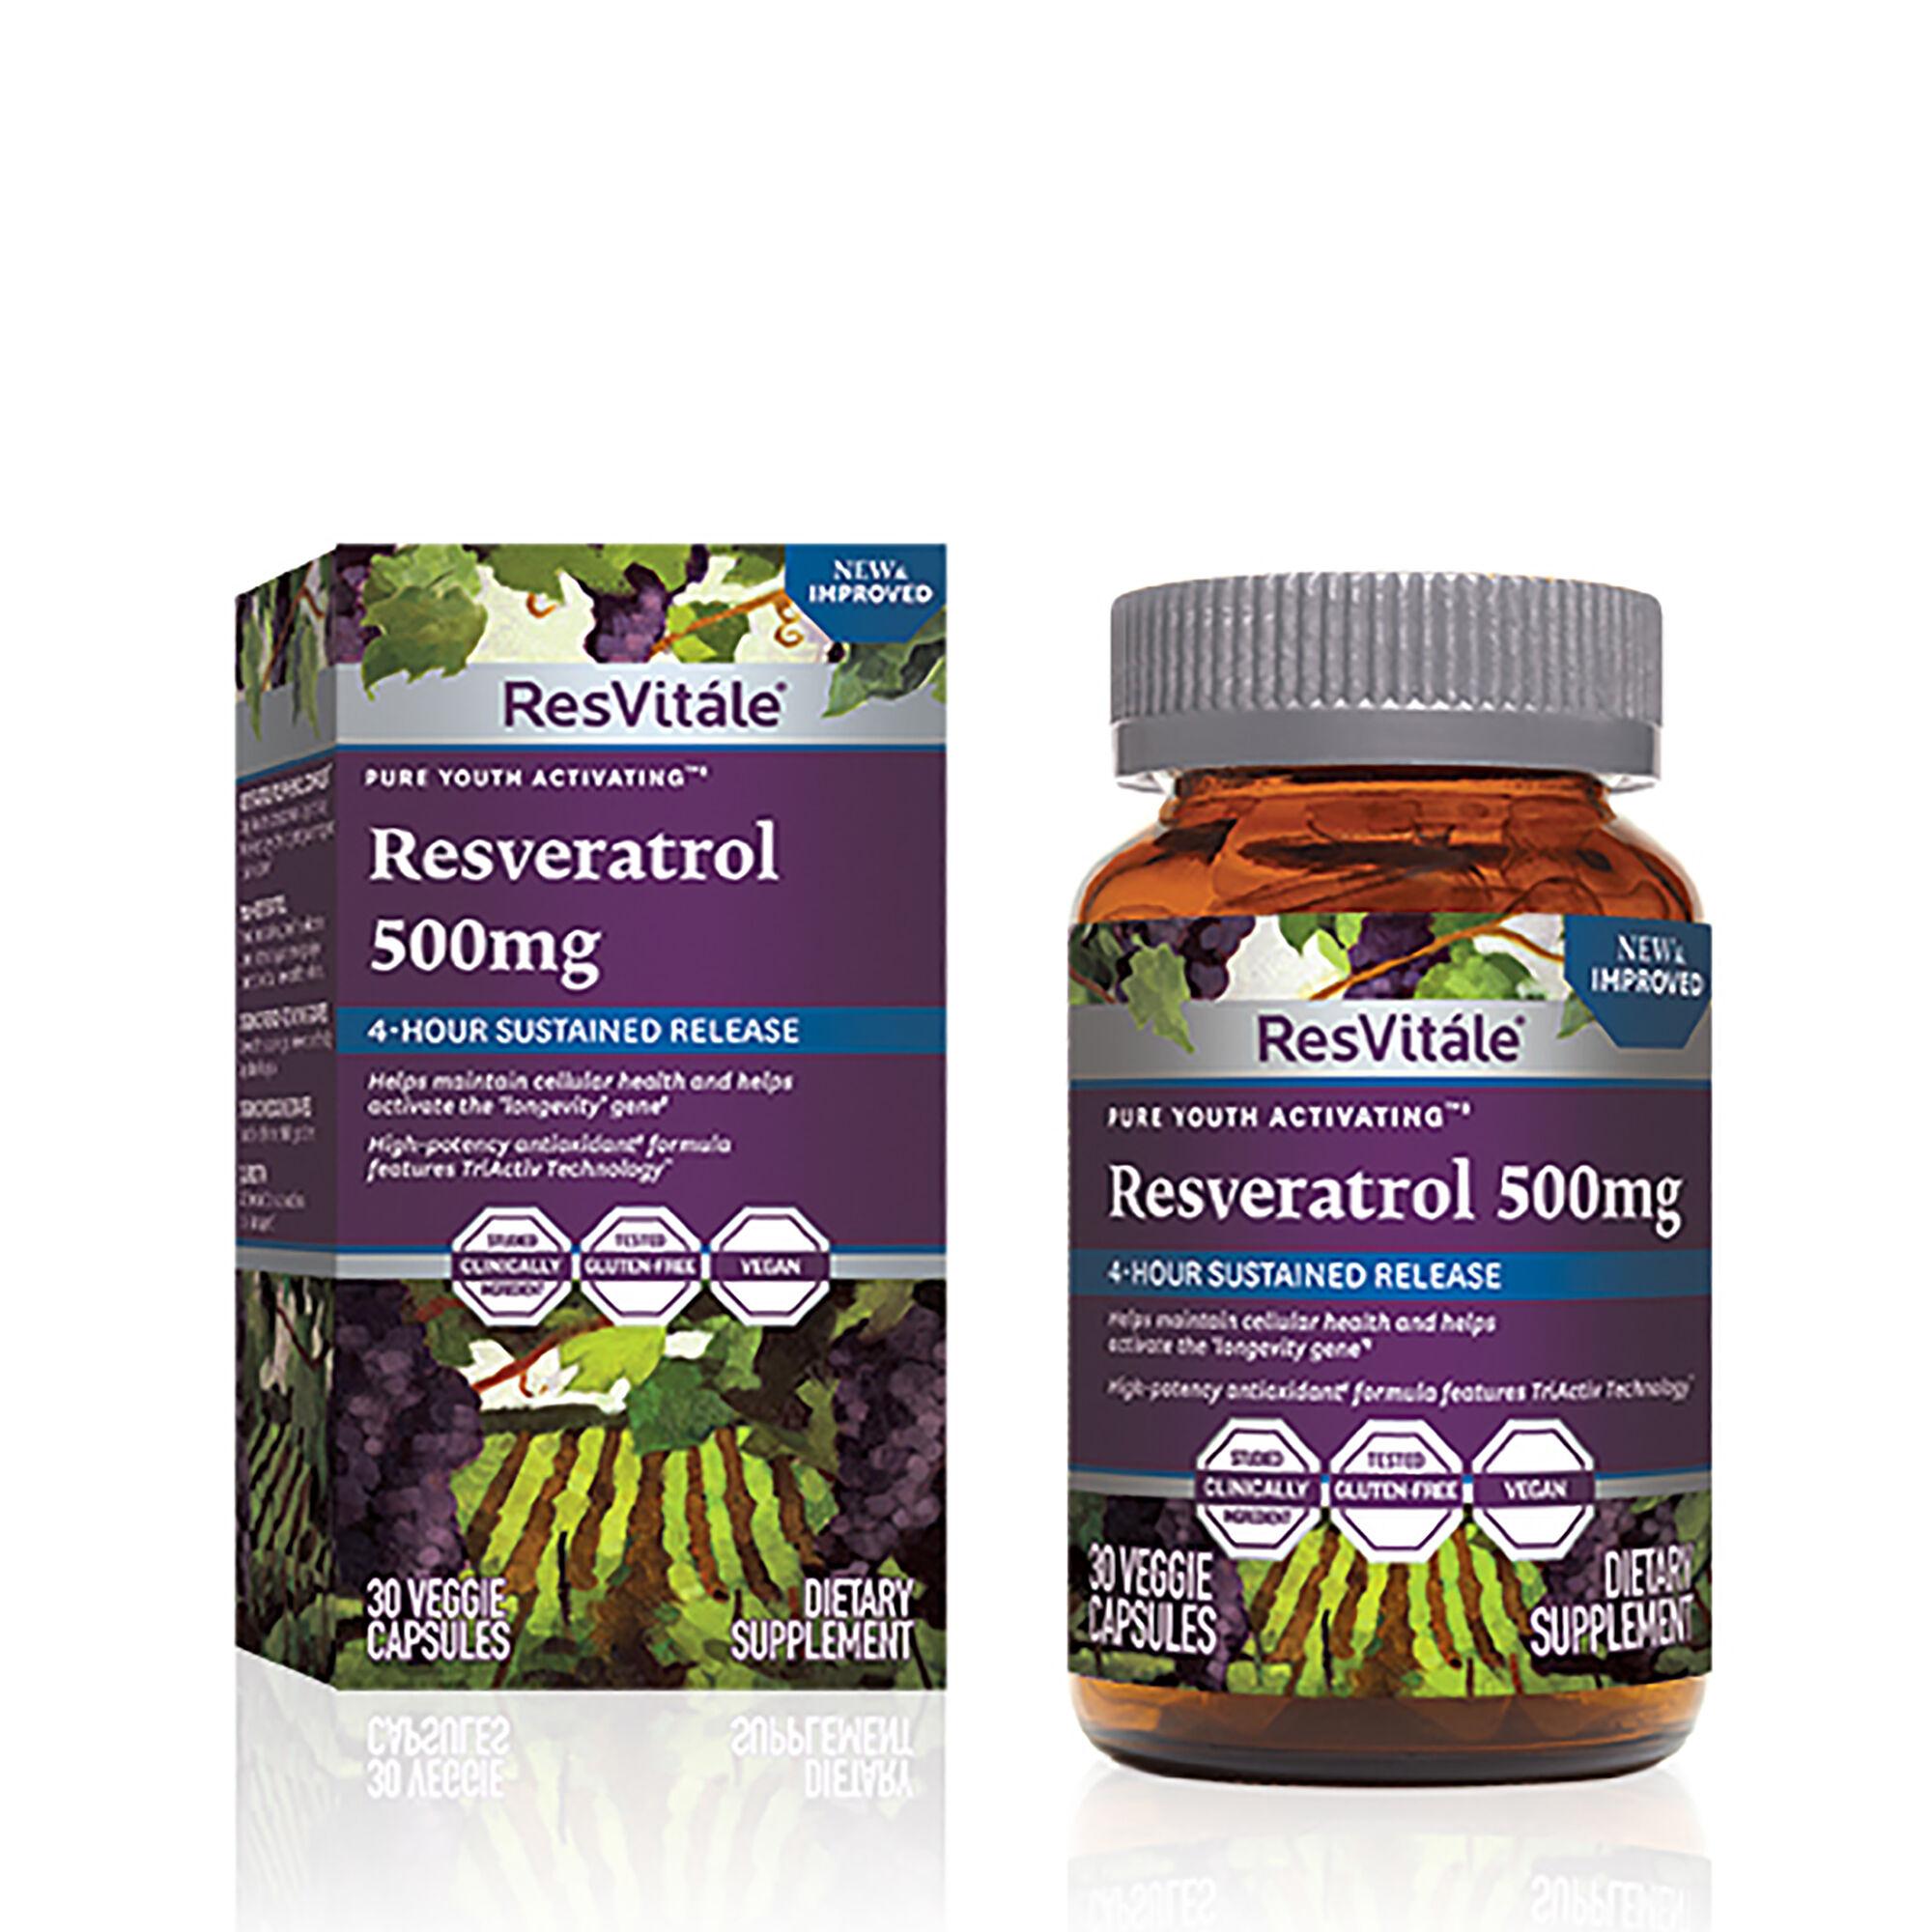 Resvitale Resveratrol 500mg 30 Vegetarian Capsules Gnc